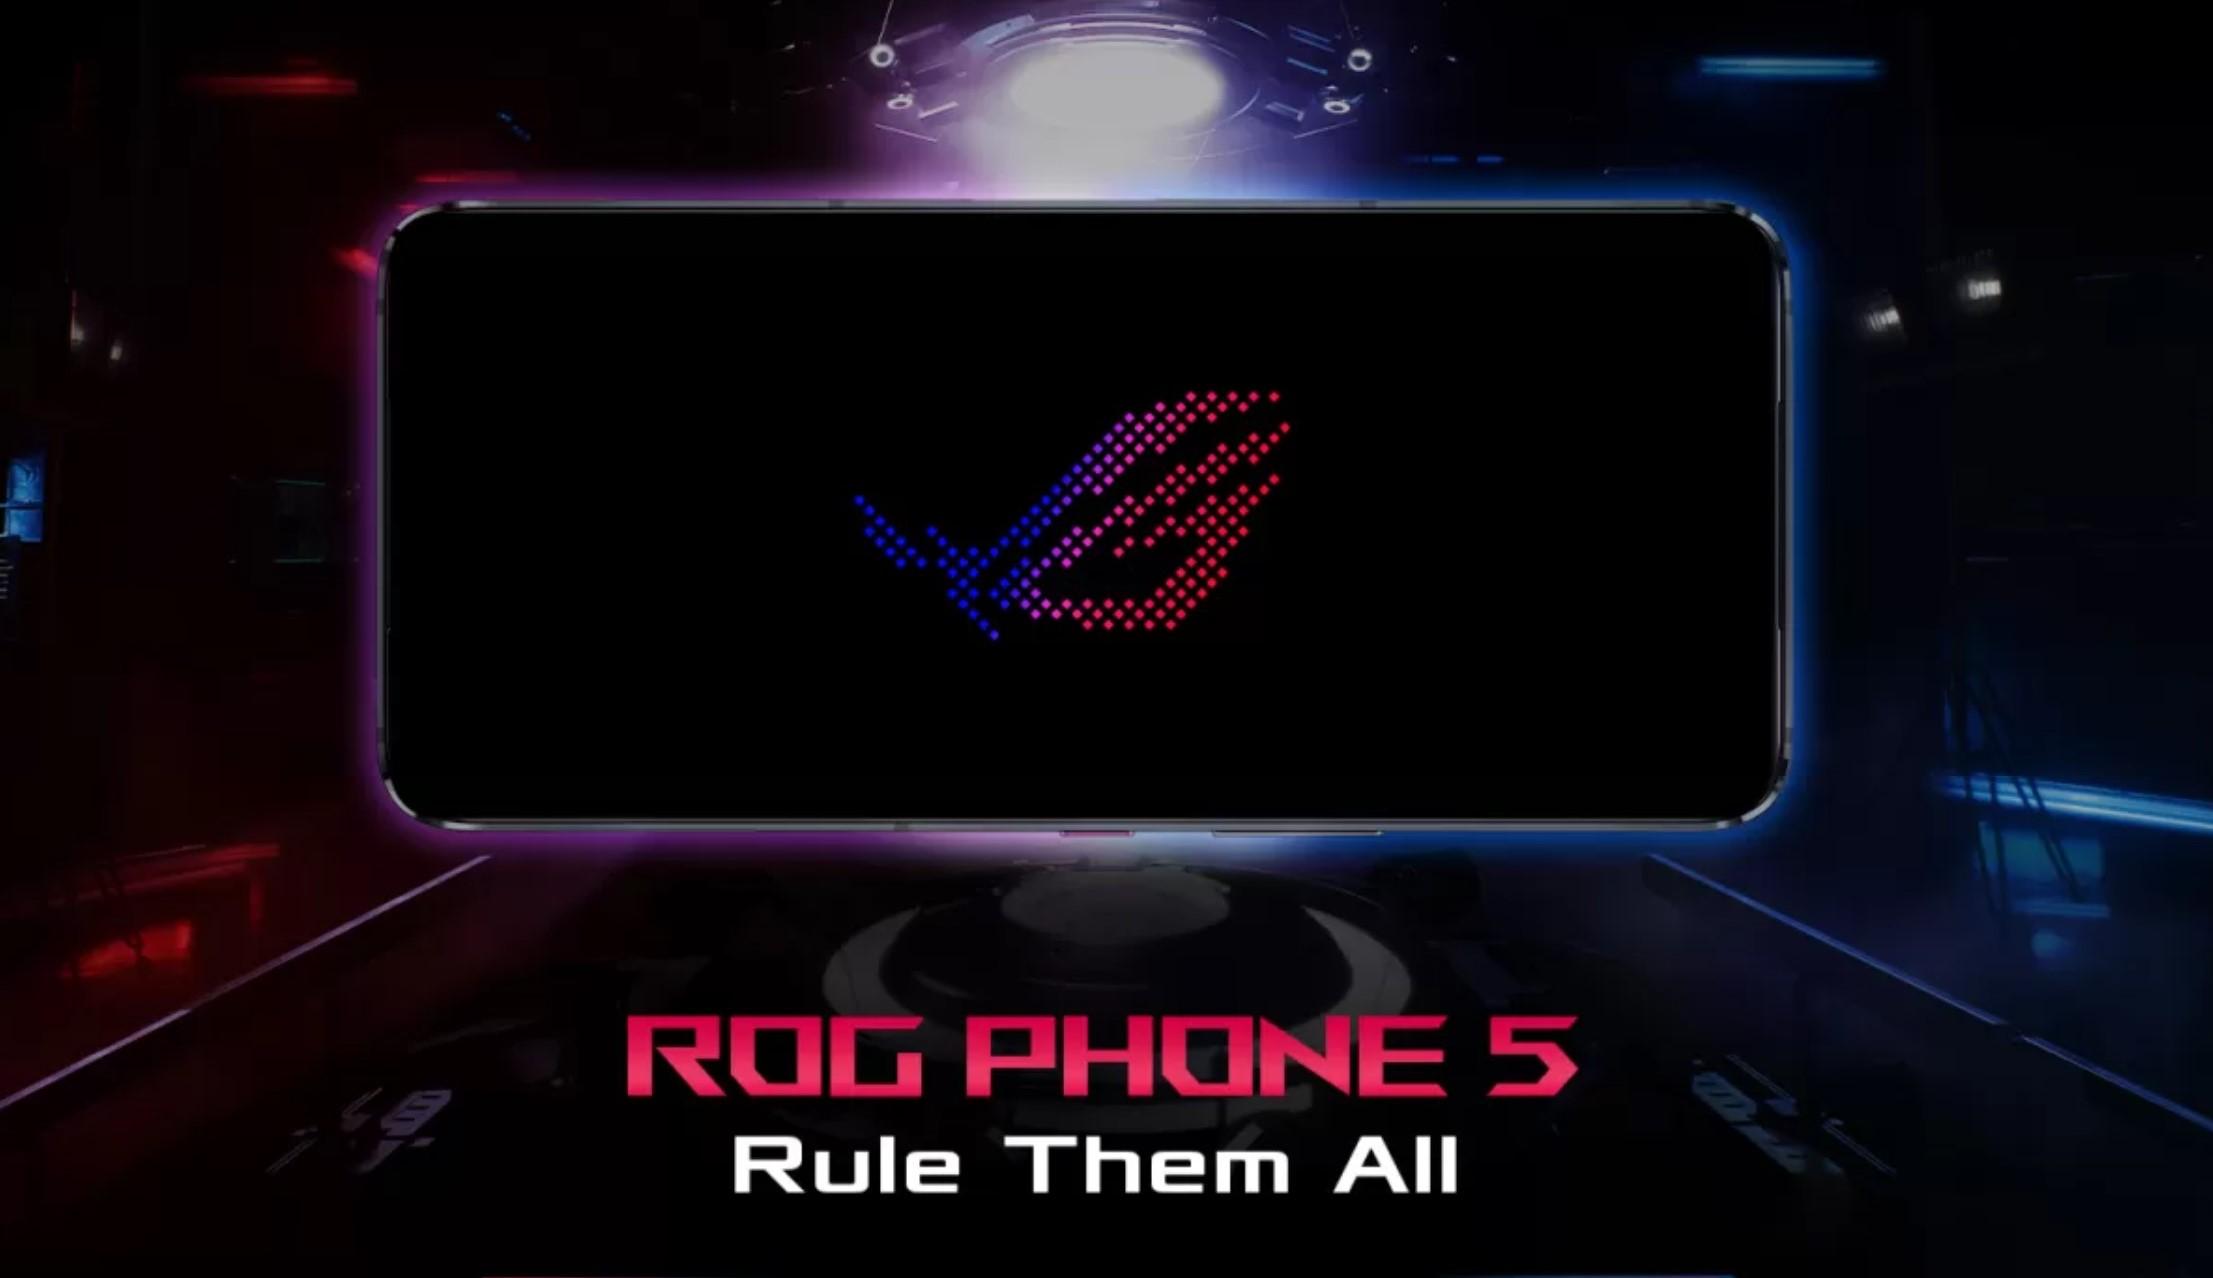 Gamingowy smartfon Asus ROG Phone 5 pokaże swoją moc 10 marca. Premiera odbędzie się online